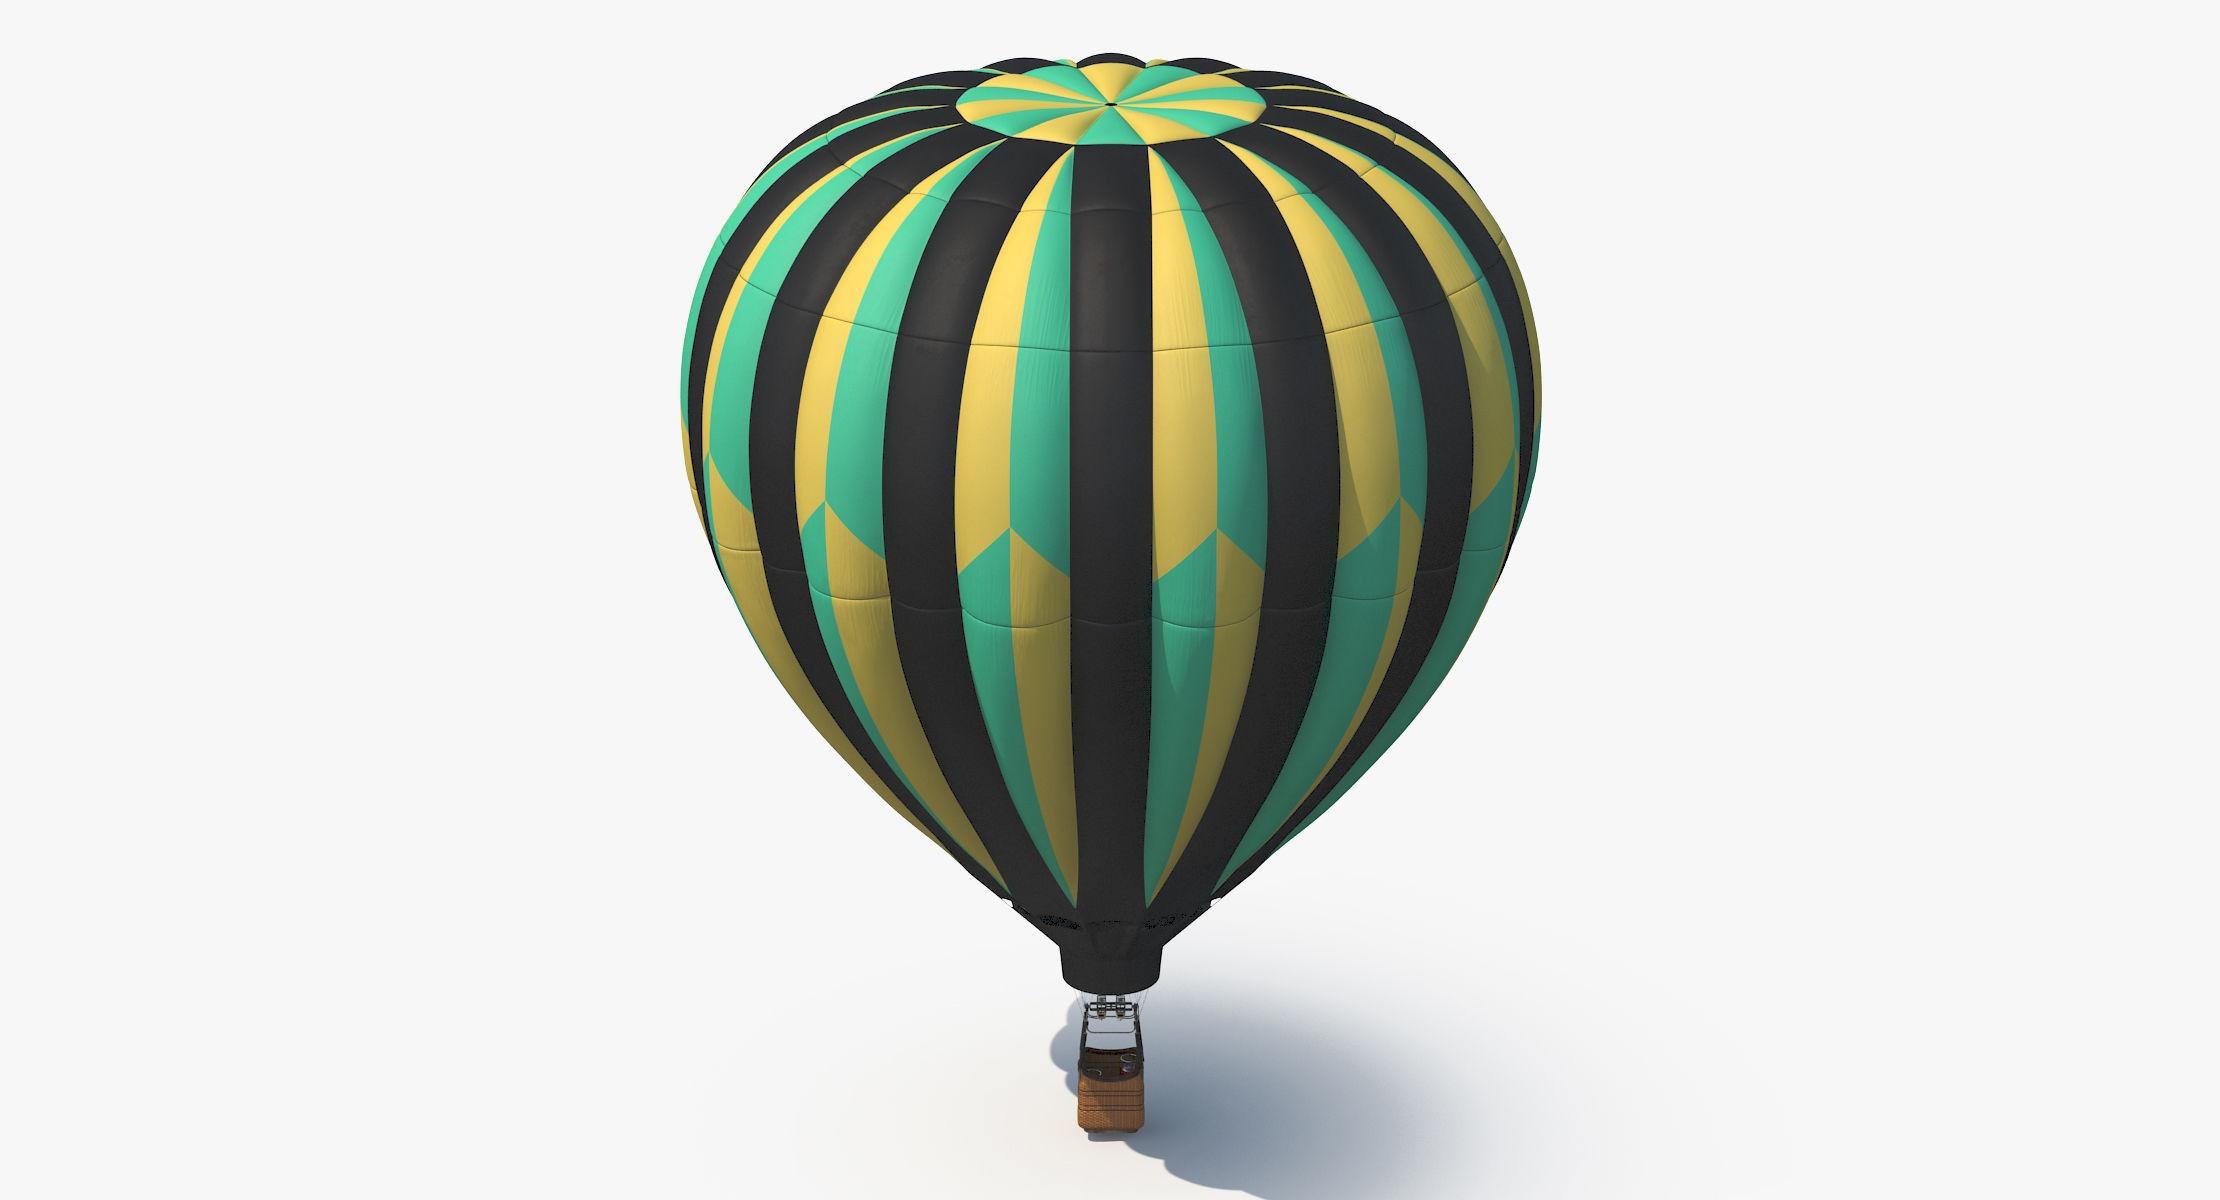 Hot Air Balloon - reel 1